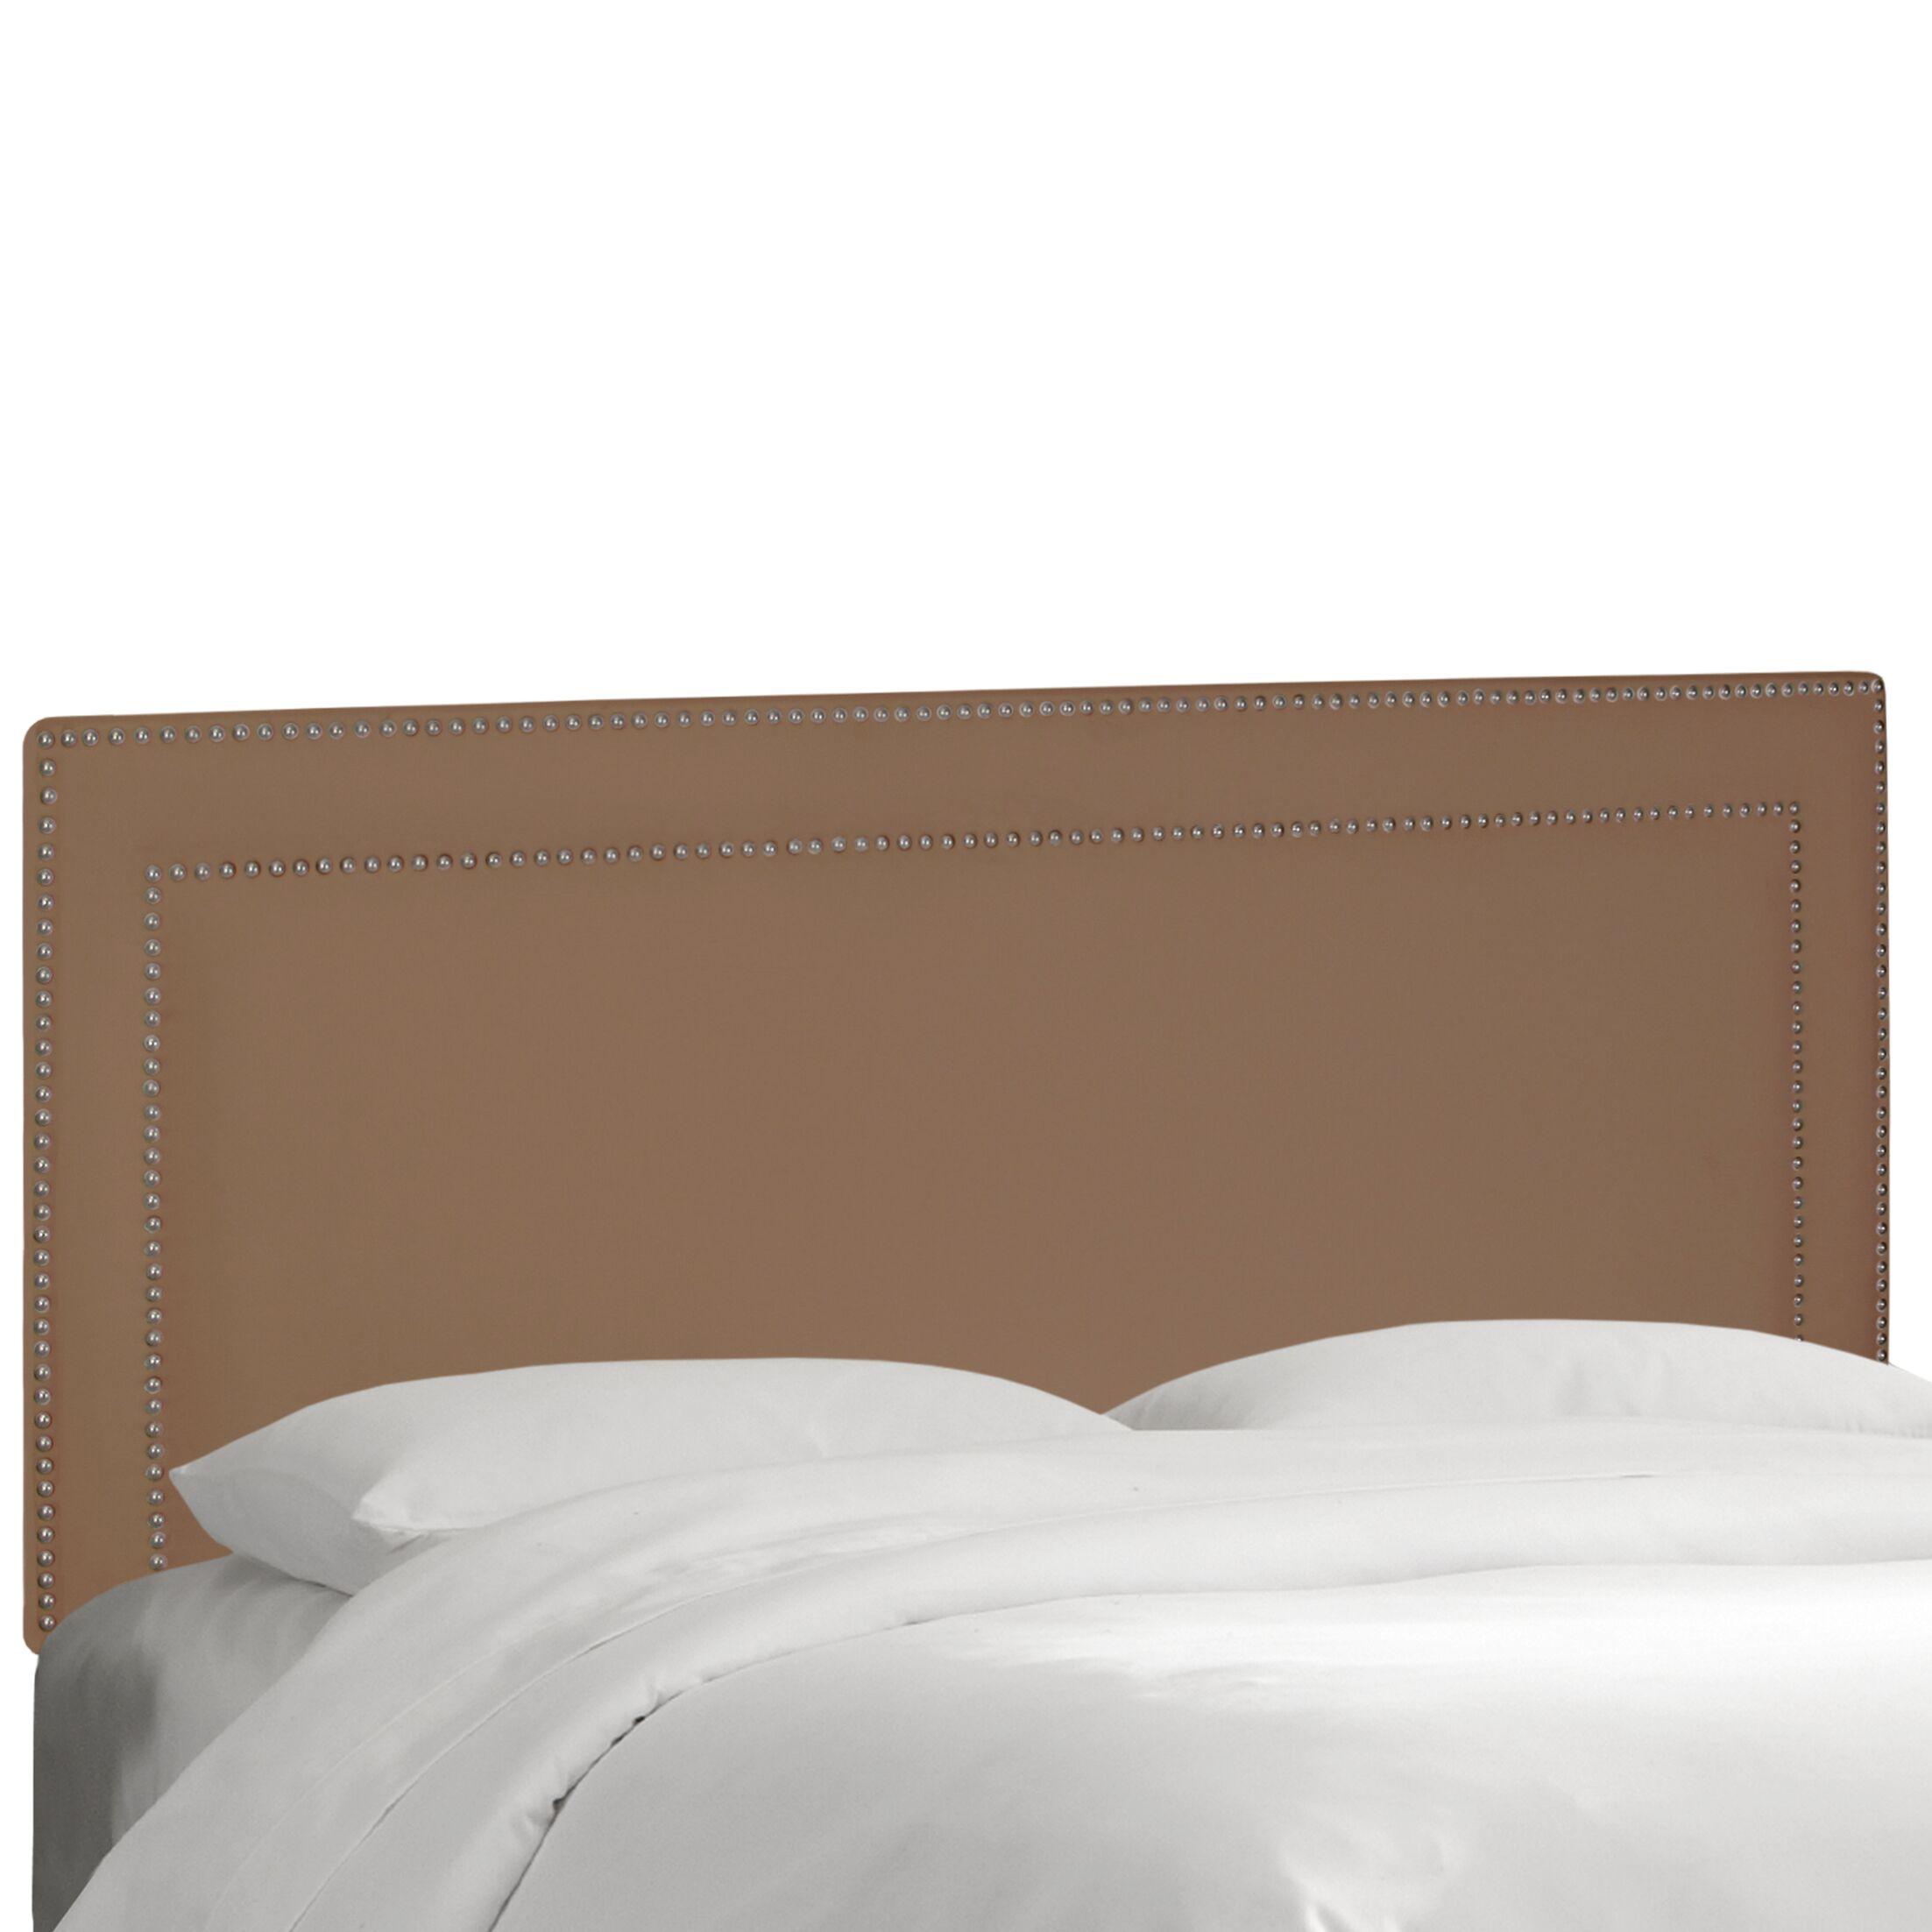 Albertina Upholstered Panel Headboard Size: King, Upholstery: Velvet Cocoa